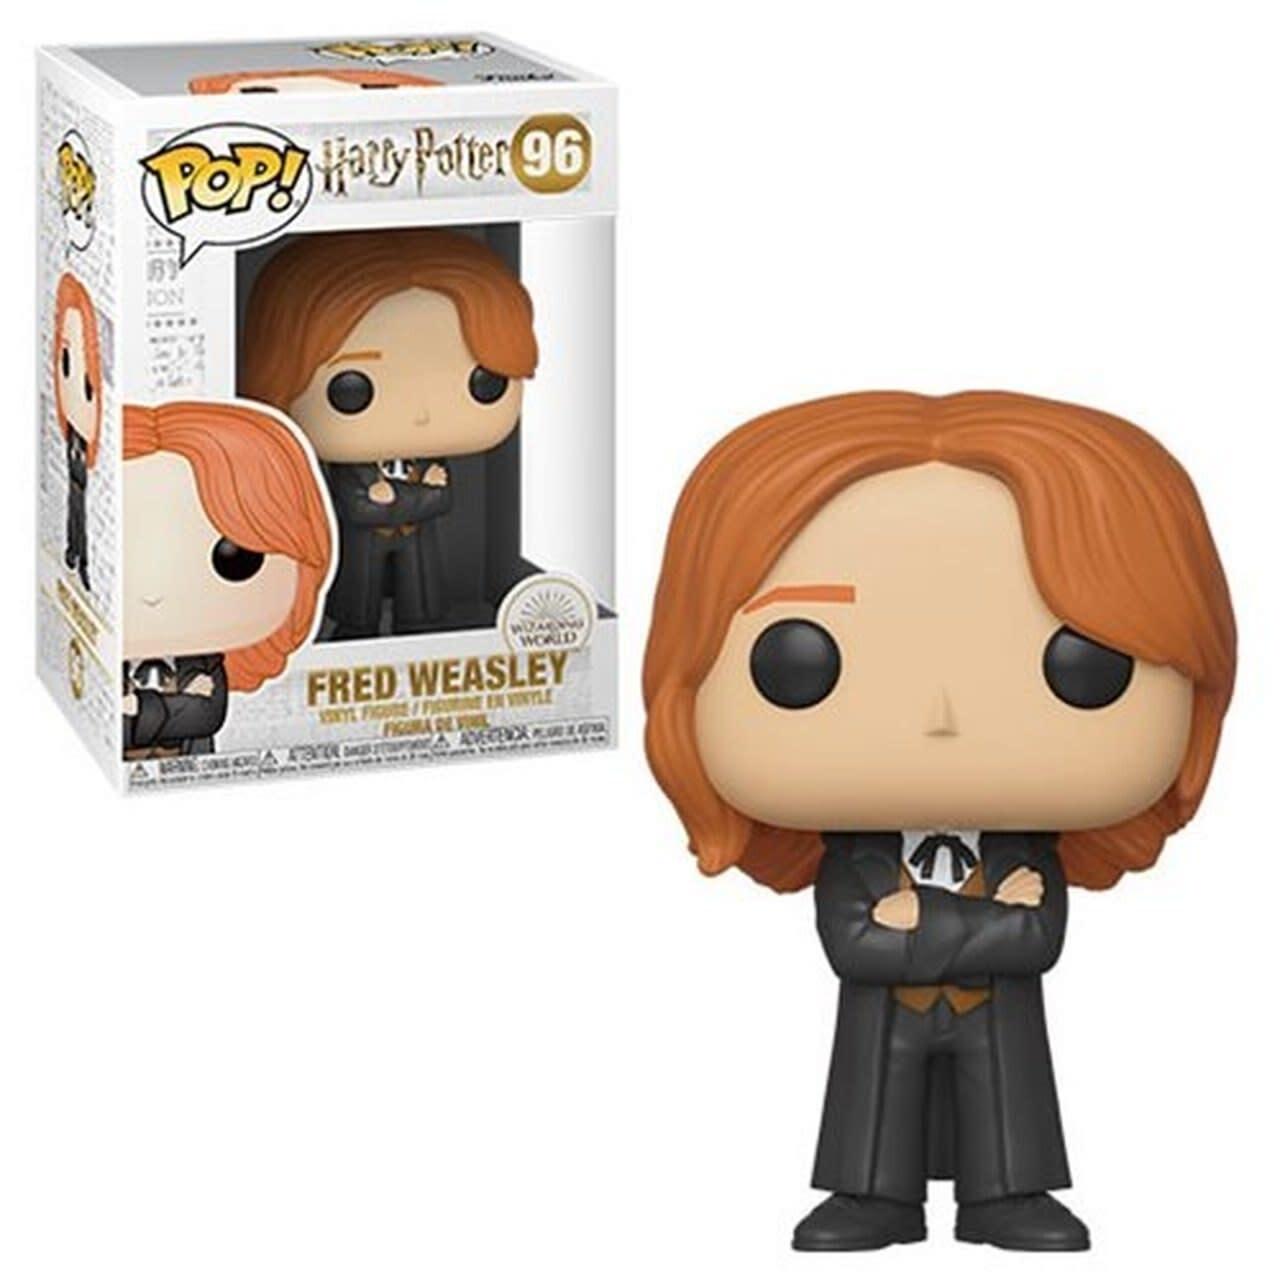 POP! Harry Potter: Fred Weasley (Yule Ball)